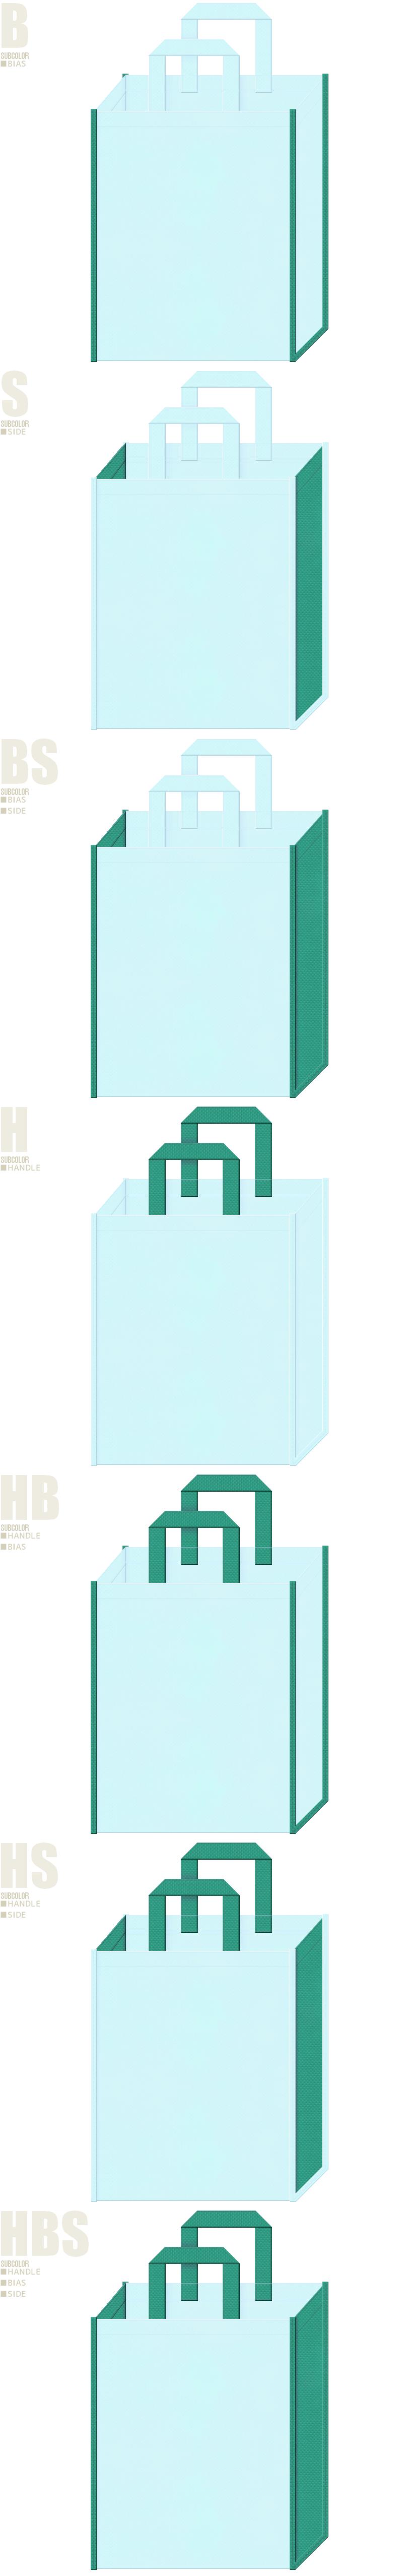 芝生・スプリンクラー・散水用具の展示会用バッグにお奨めの、水色と青緑色-7パターンの不織布トートバッグ配色デザイン例